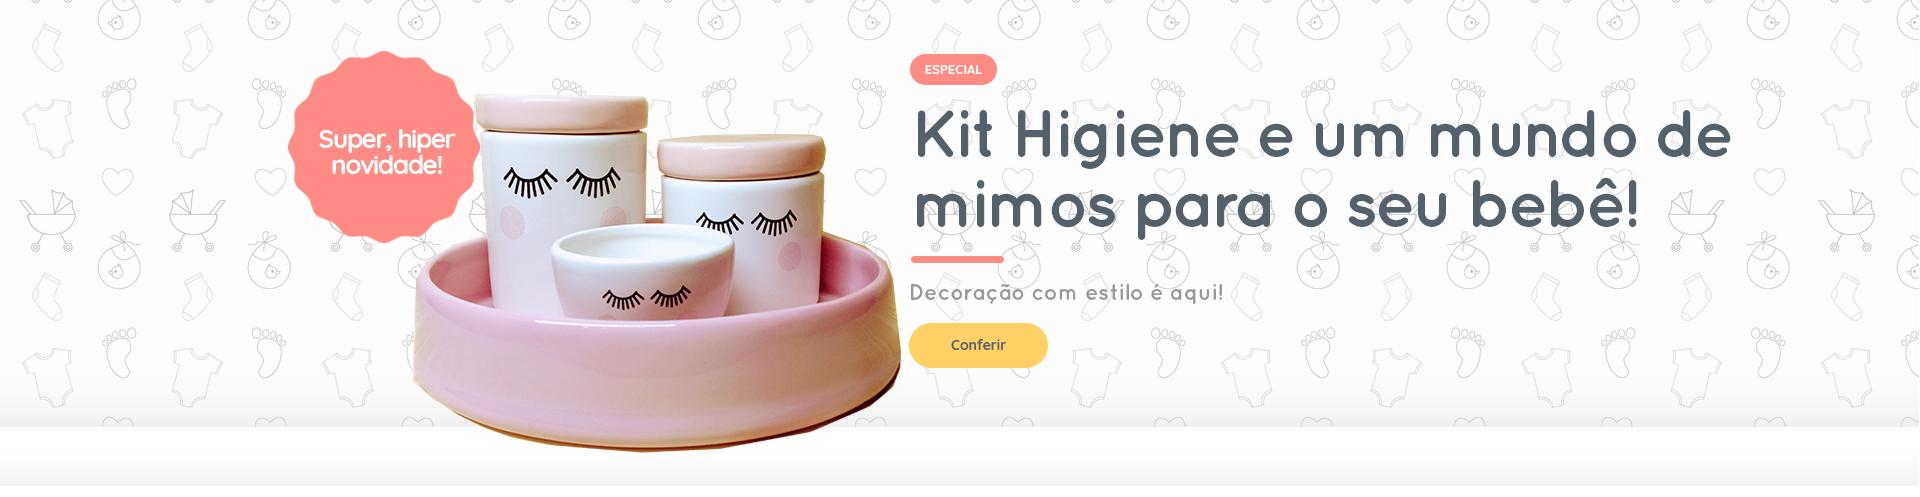 kit higiene banner